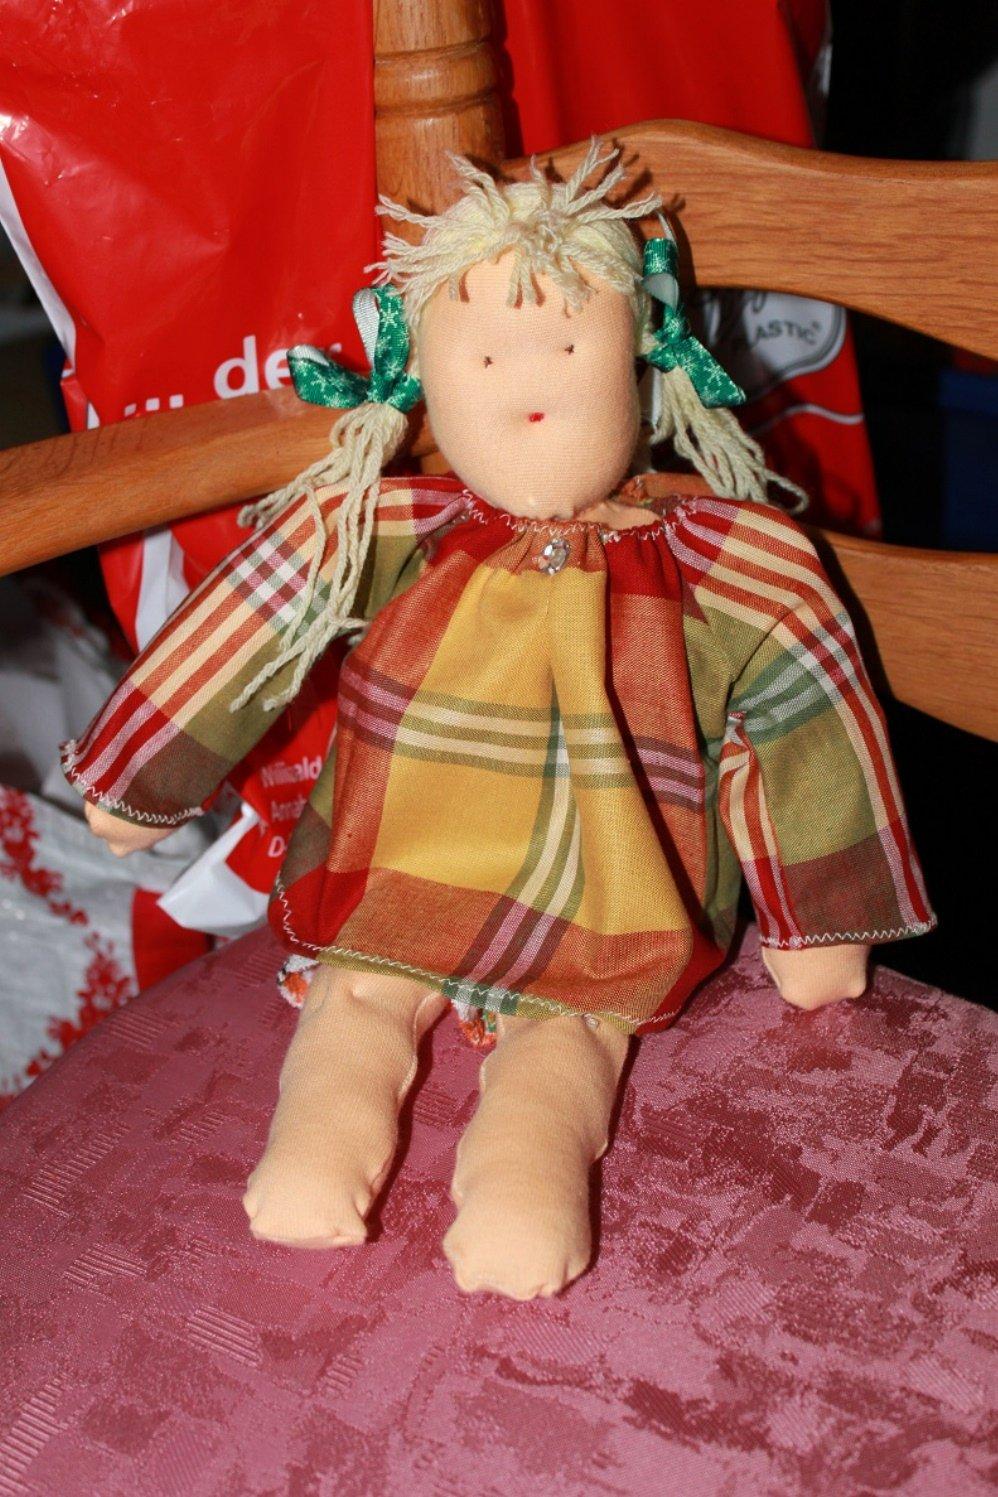 BERNINA-Mitmachaktion 2014: Puppen nach Waldorfart